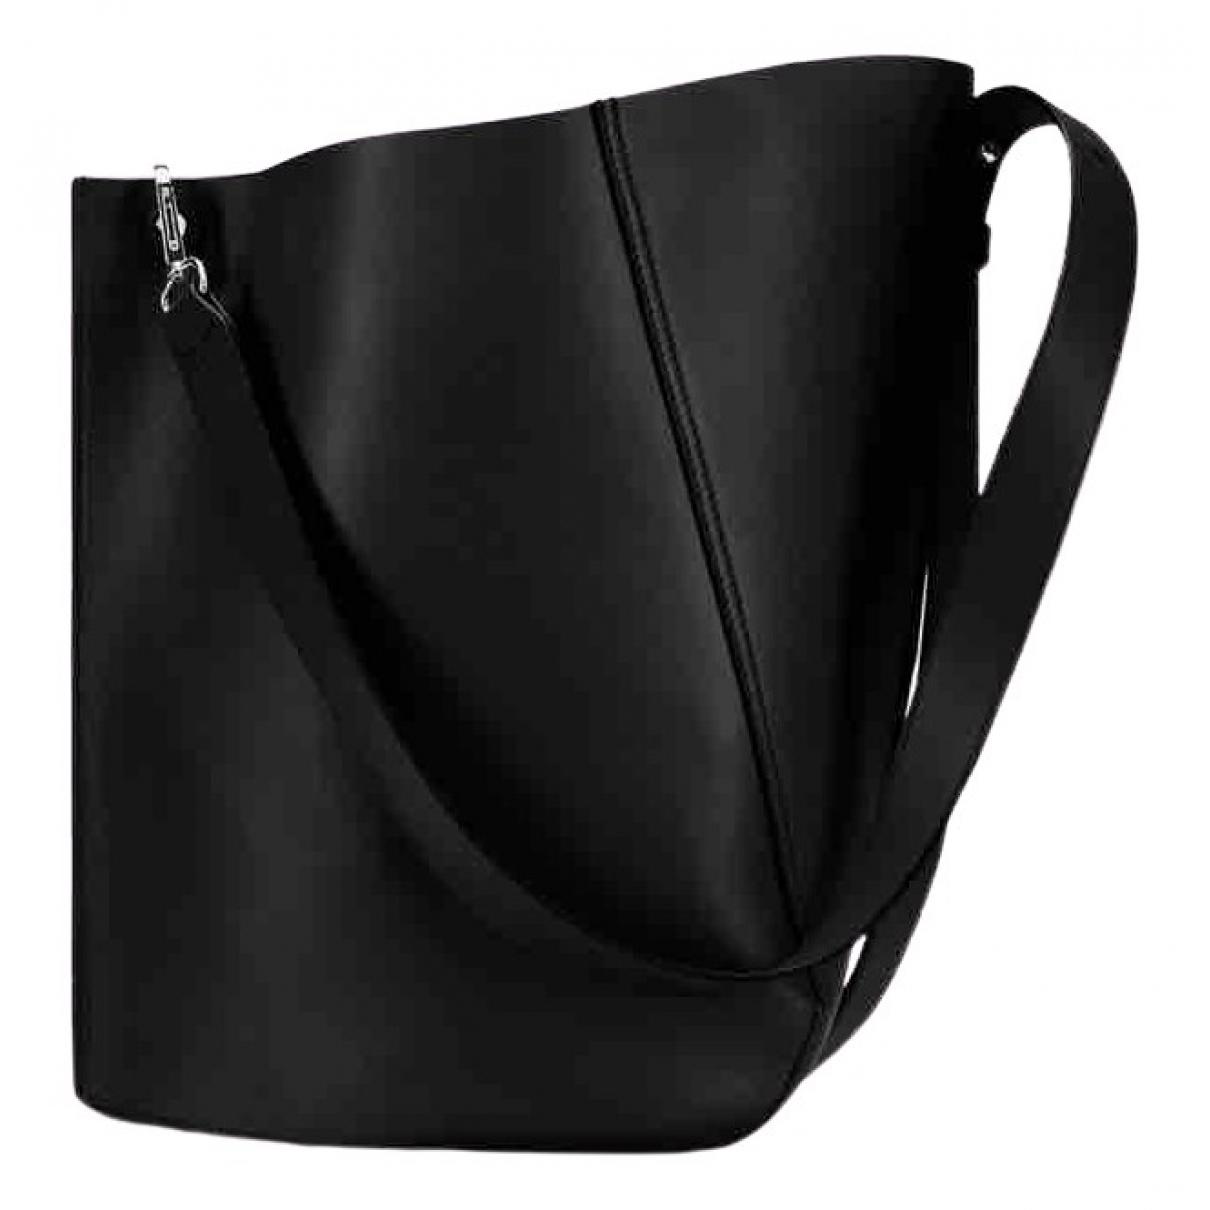 Lanvin - Sac a main   pour femme en cuir - noir